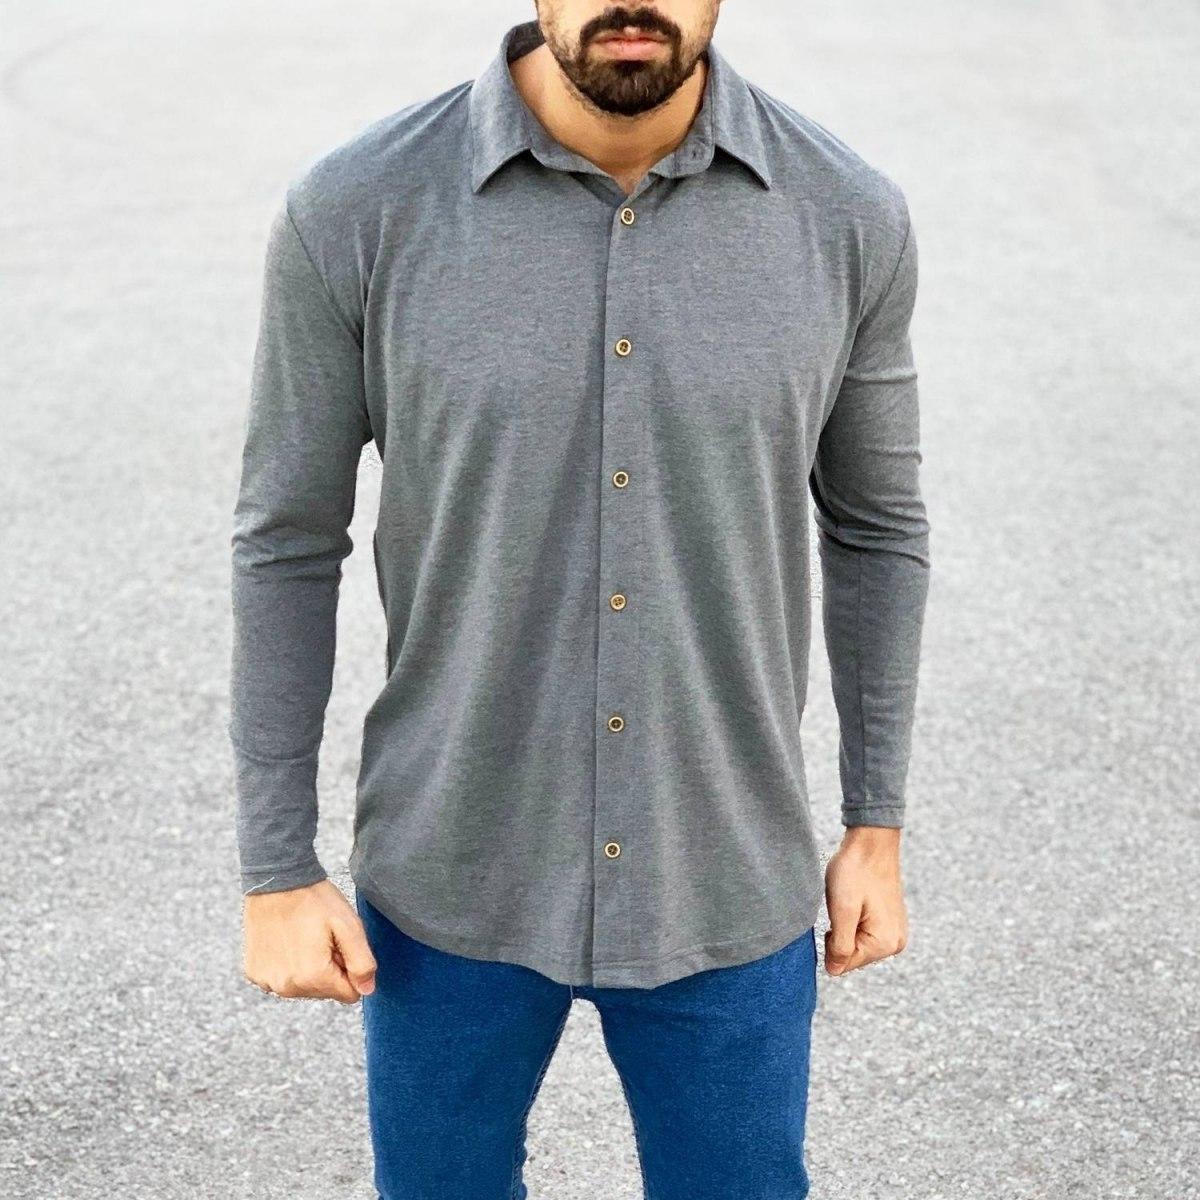 Slim-Fit Button-up Shirt in Grey Mv Premium Brand - 1